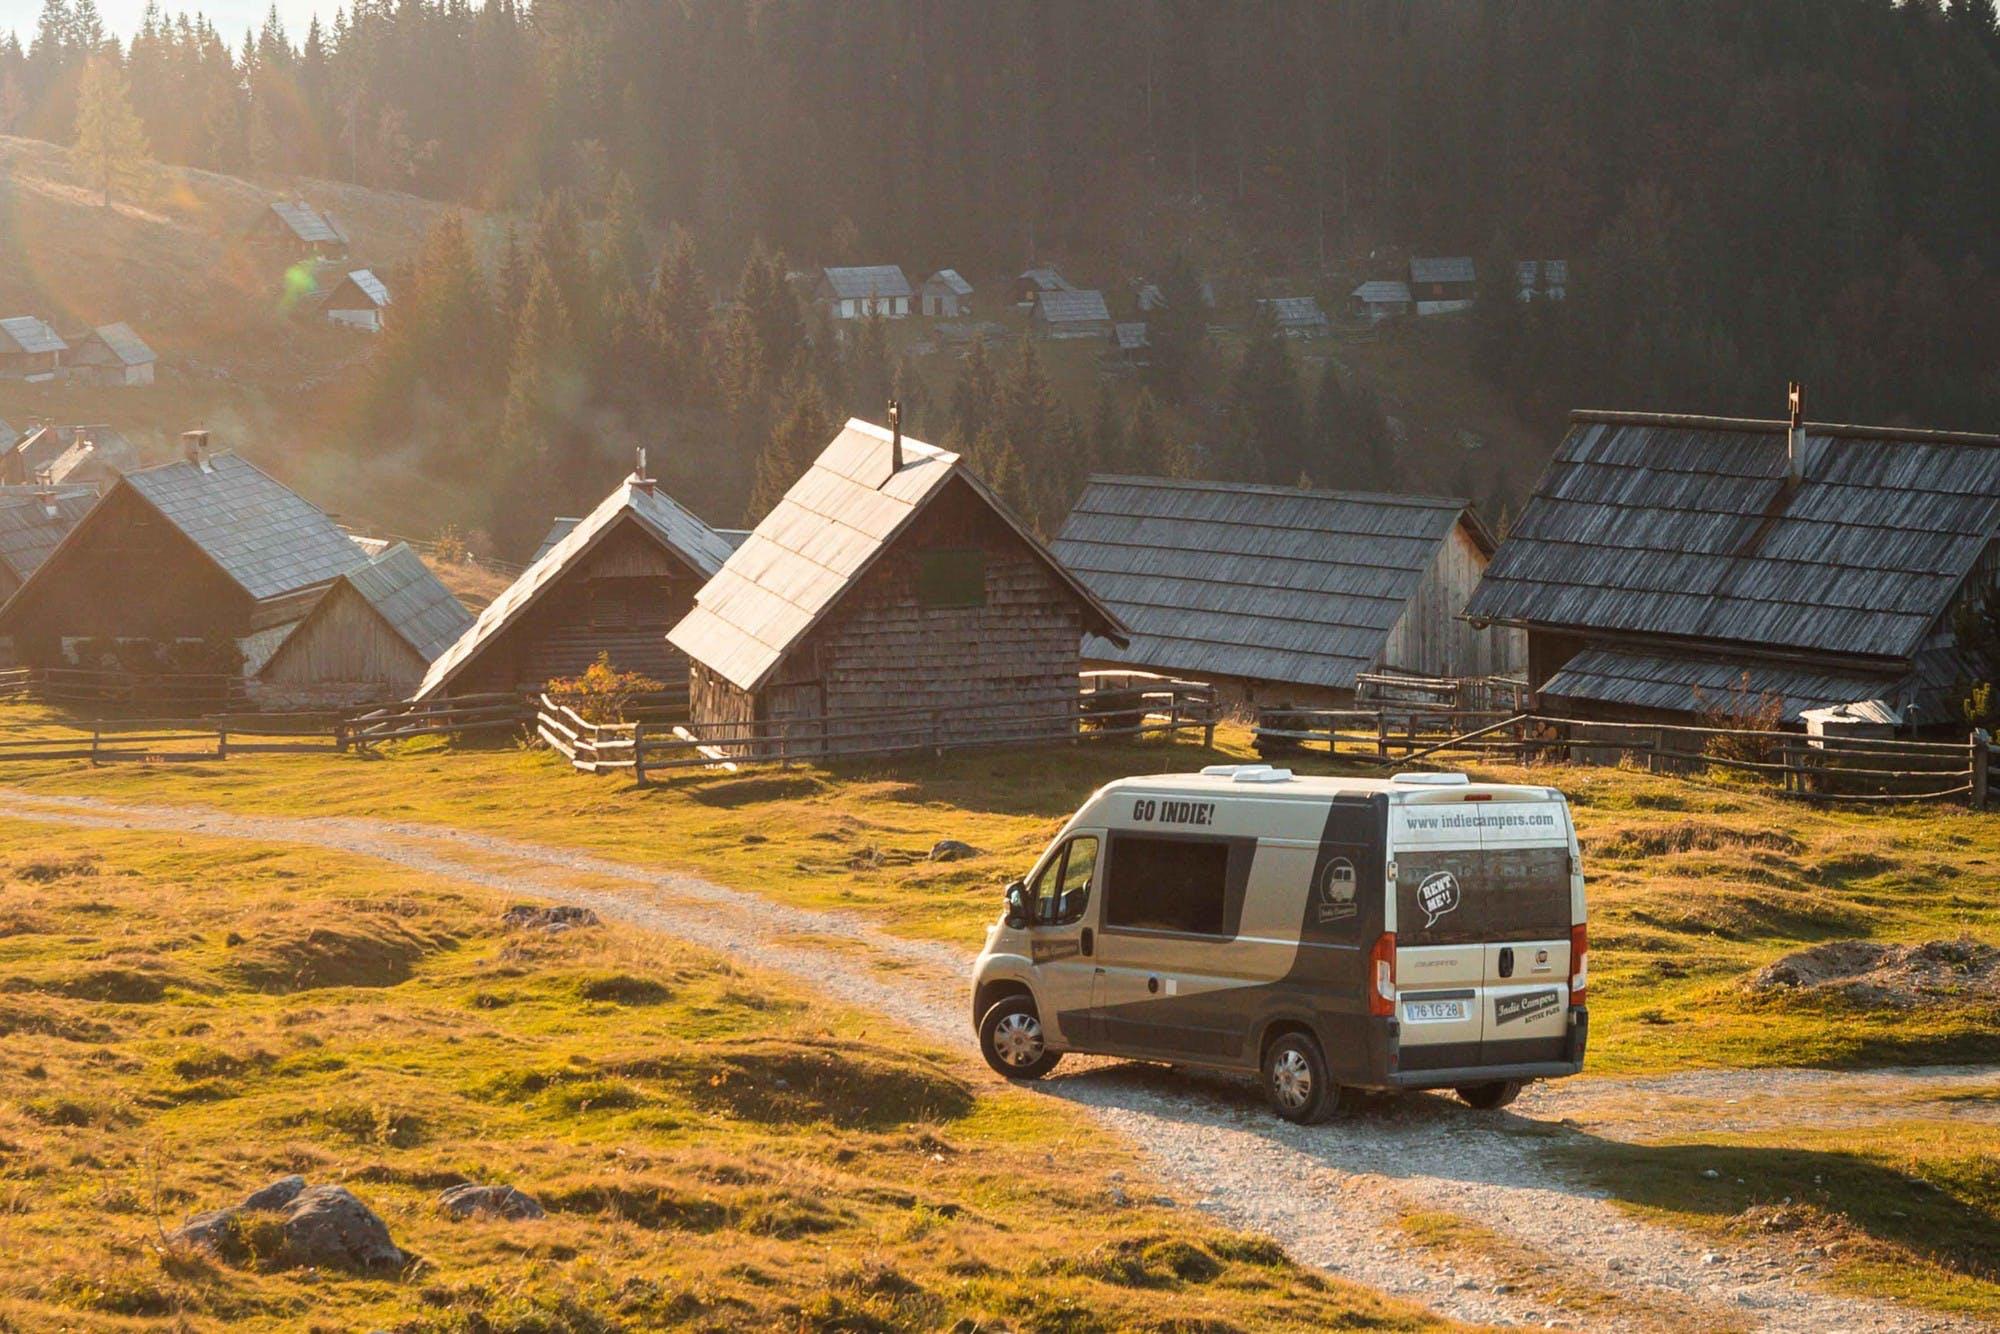 Indie campervan for hire